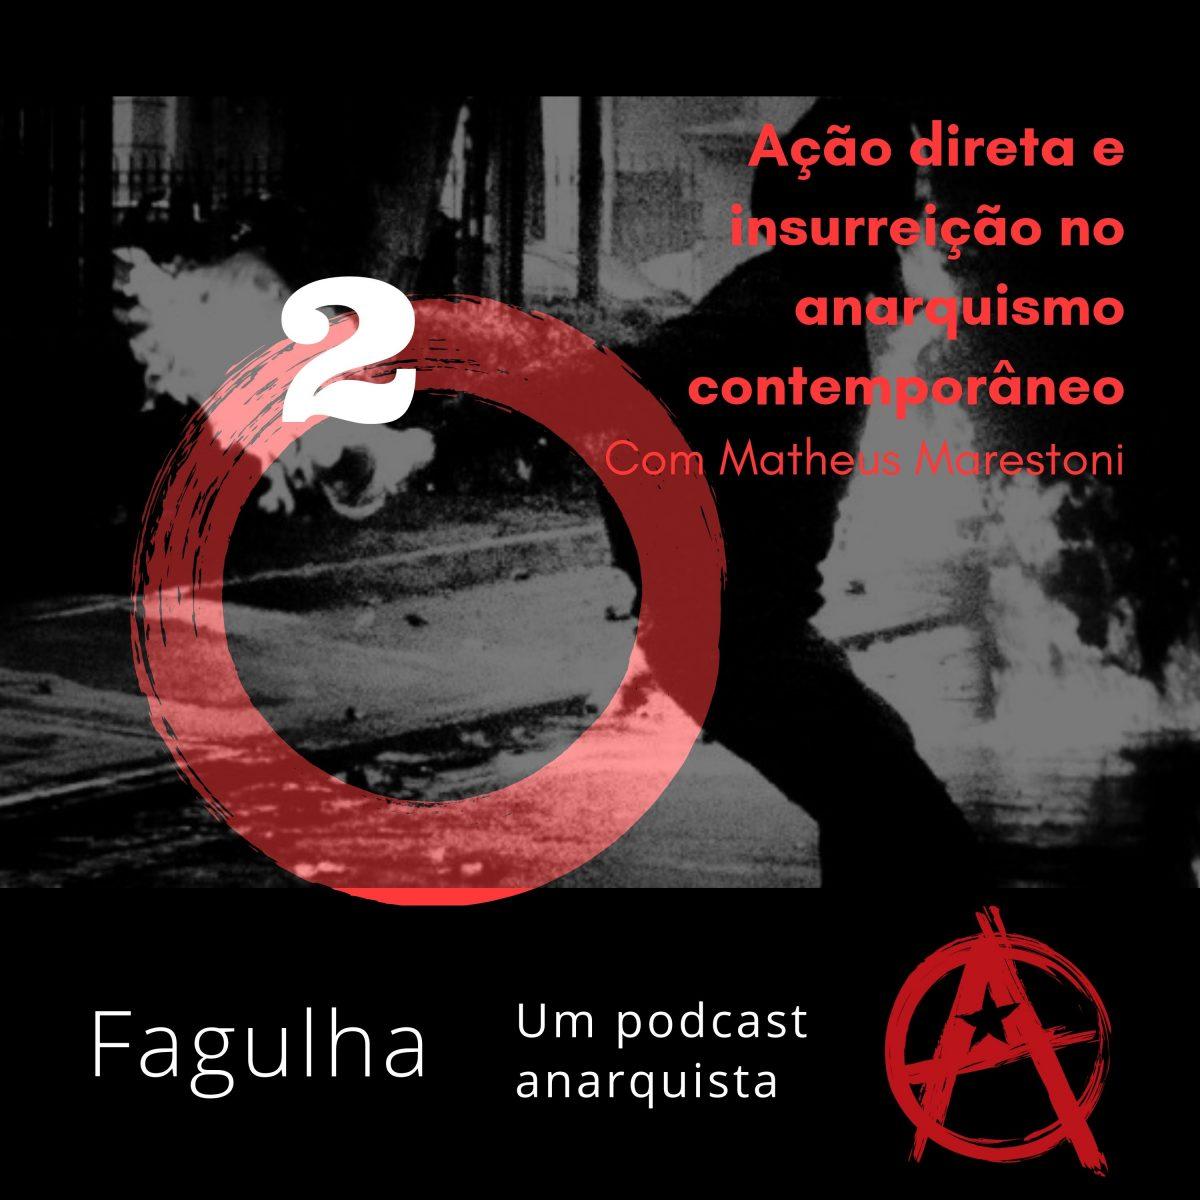 #02: Ação direta e insurreição no anarquismo contemporâneo, com Matheus Marestoni